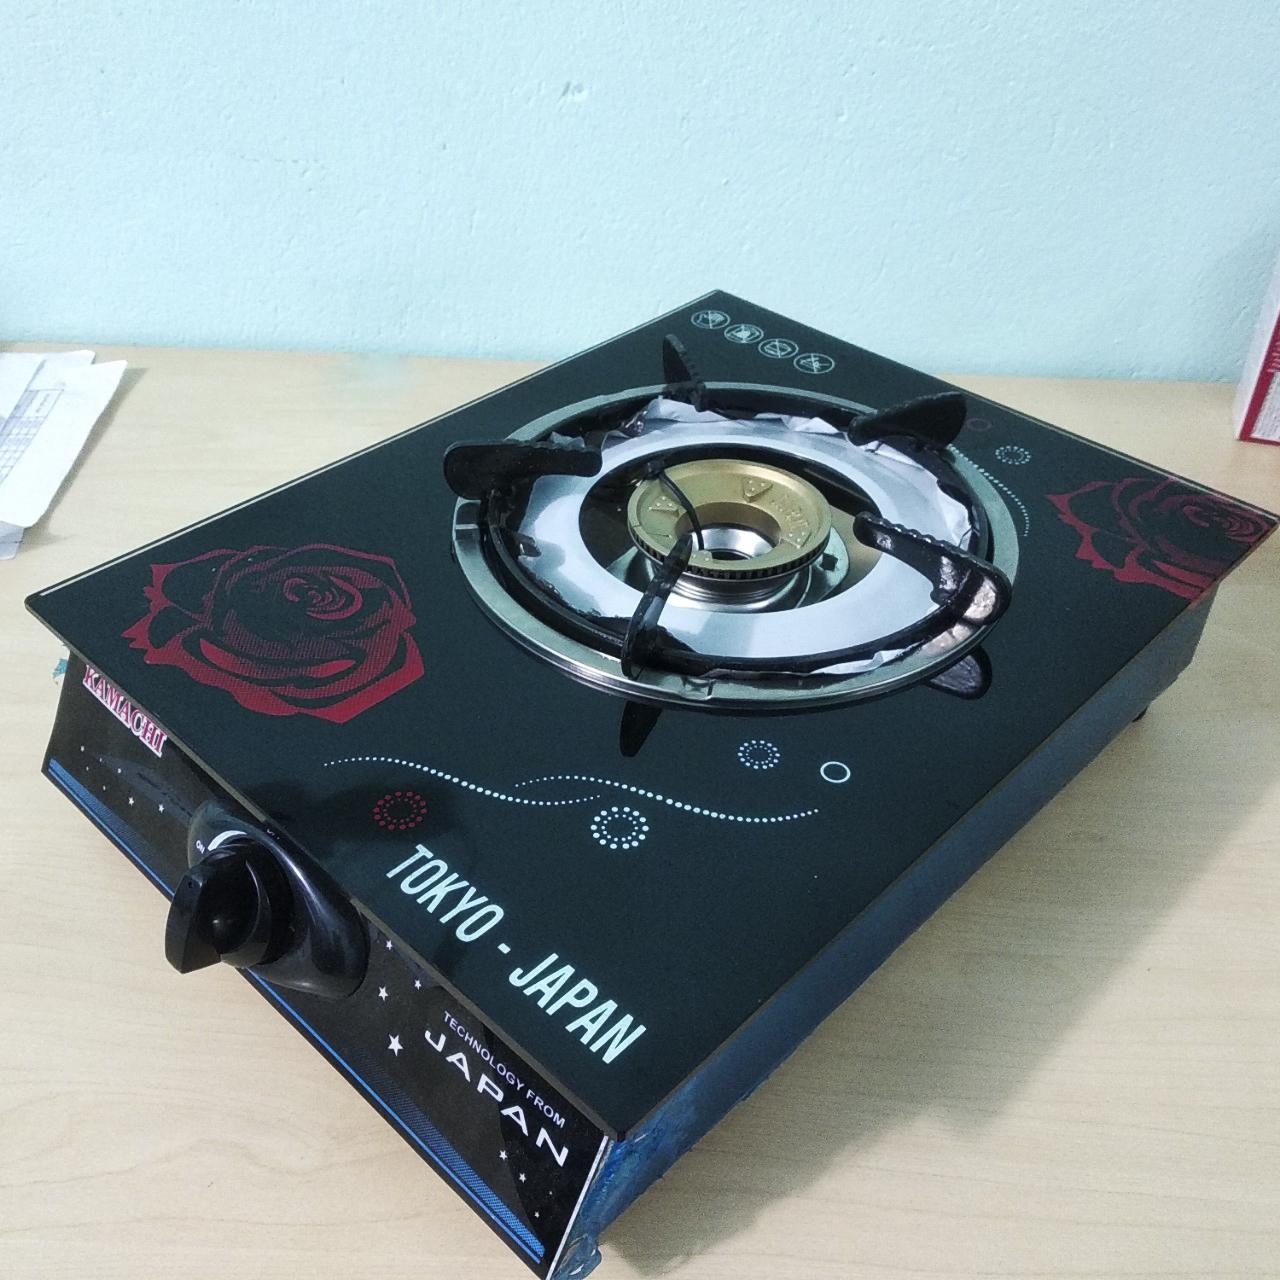 Bếp ga 1 lò nấu điếu đồng KMC-Đồng, tiết kiệm ga mẫu ngẫu nhiên-Hàng chính hãng